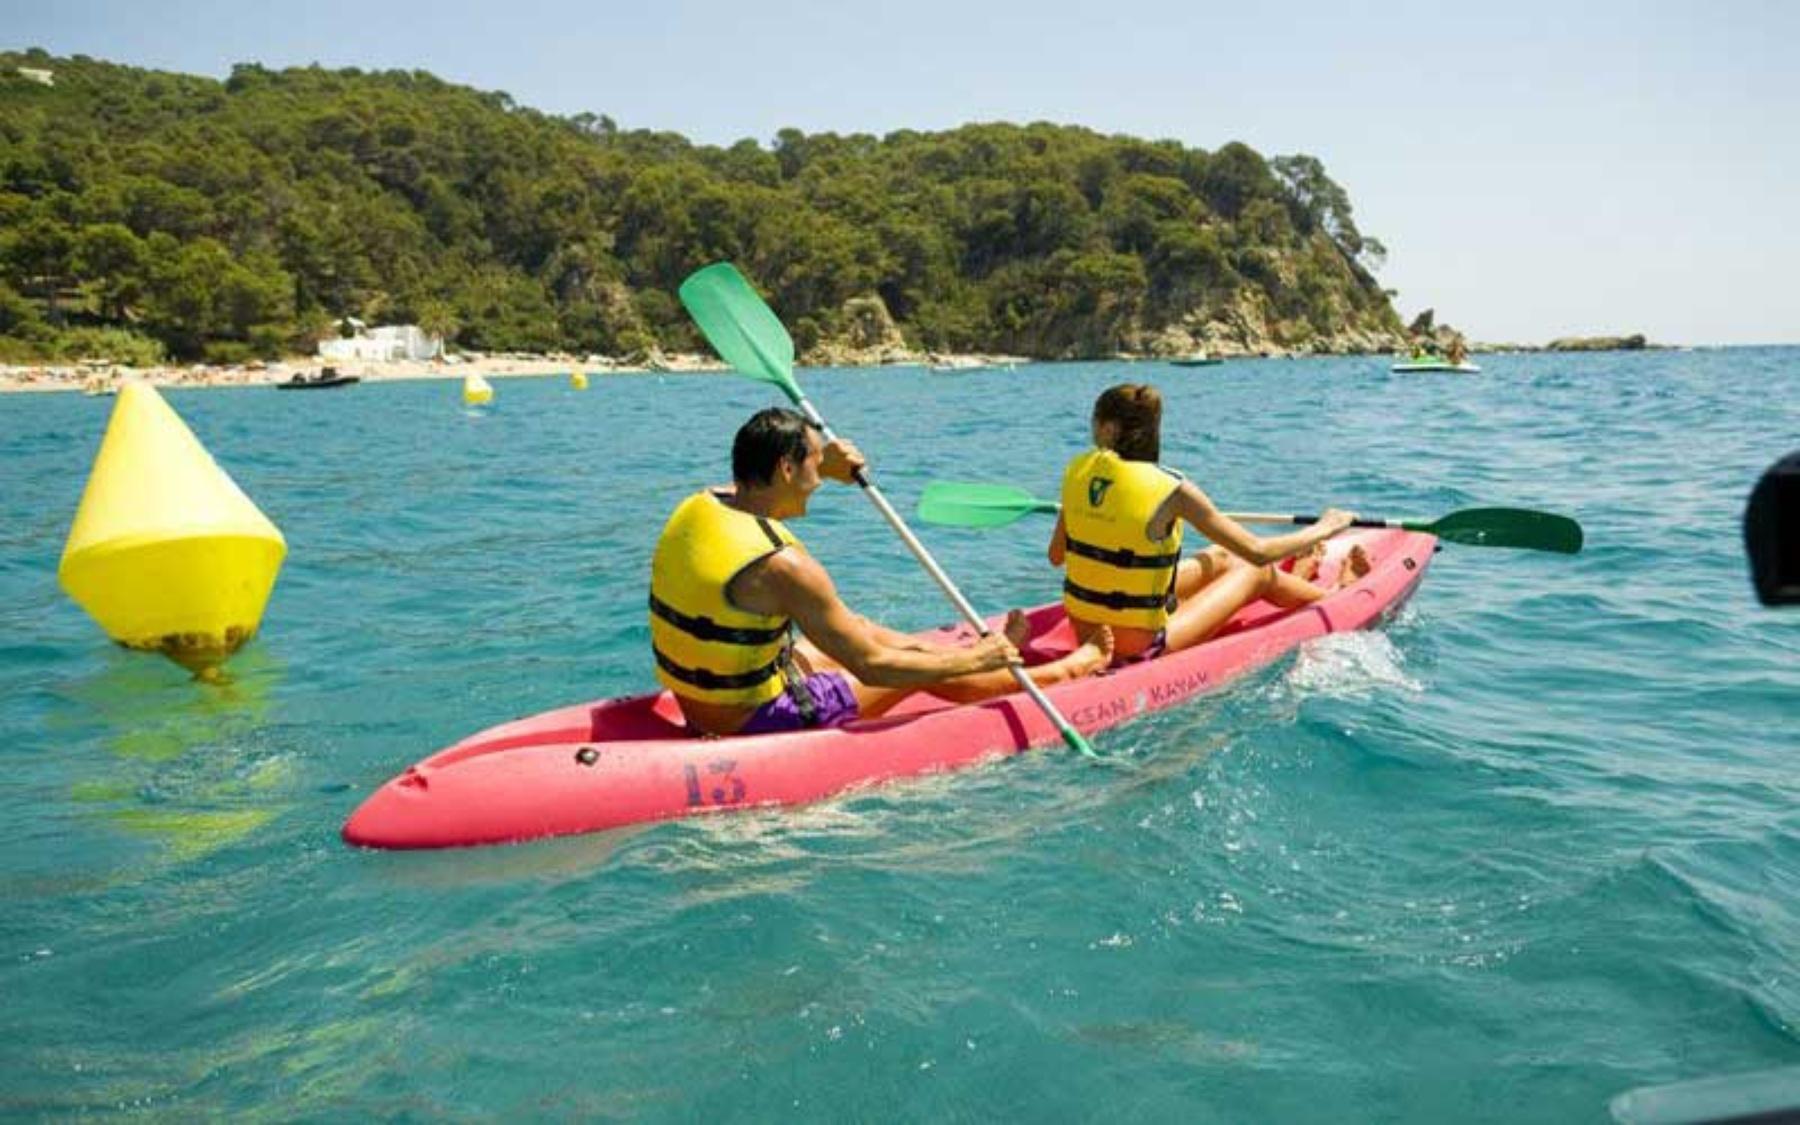 hotel activitats submarinisme busseig aquàtiques  esports nàutics